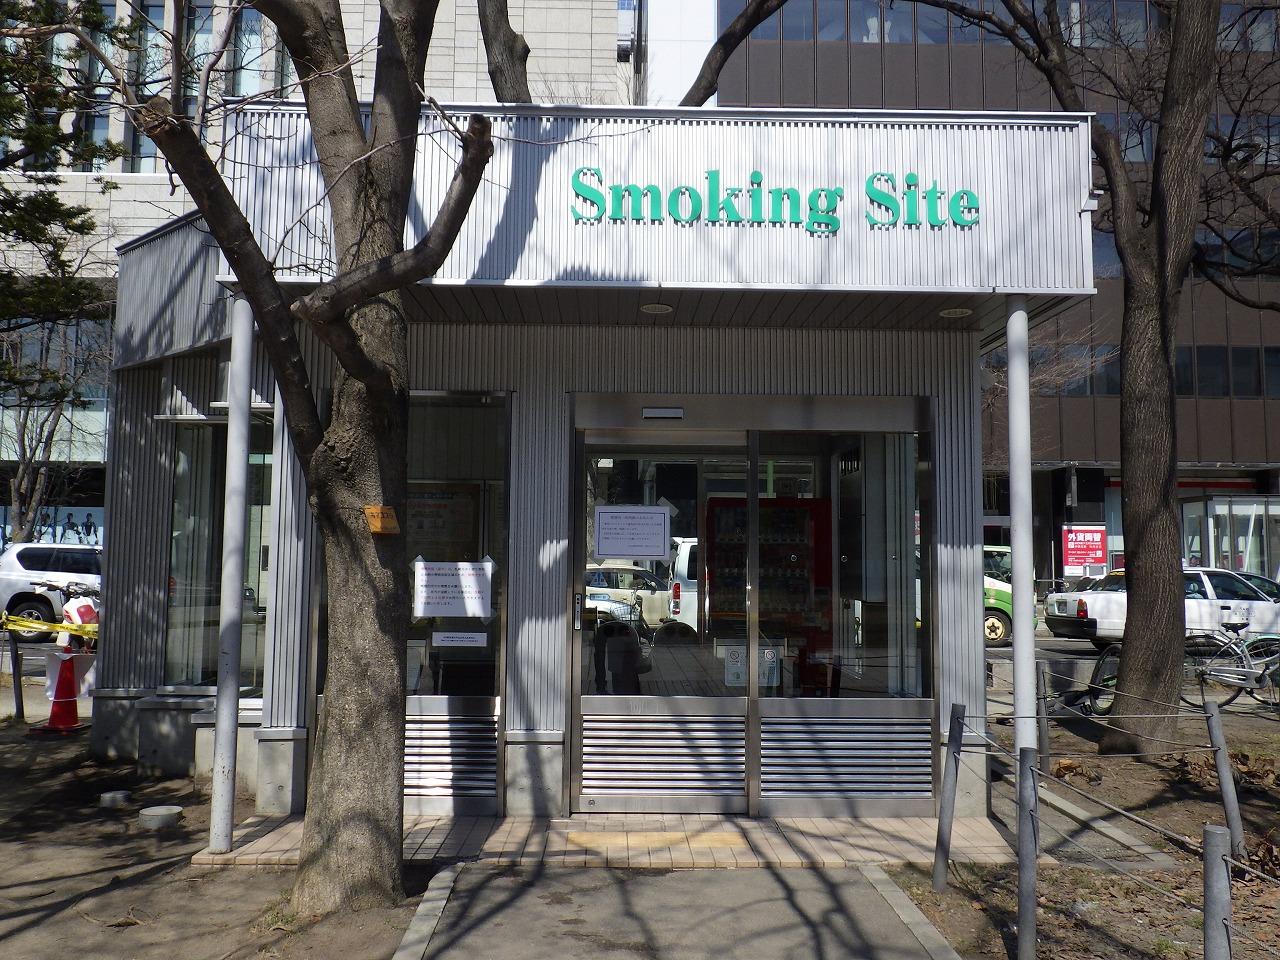 閉鎖中の大通西3丁目の喫煙所の写真